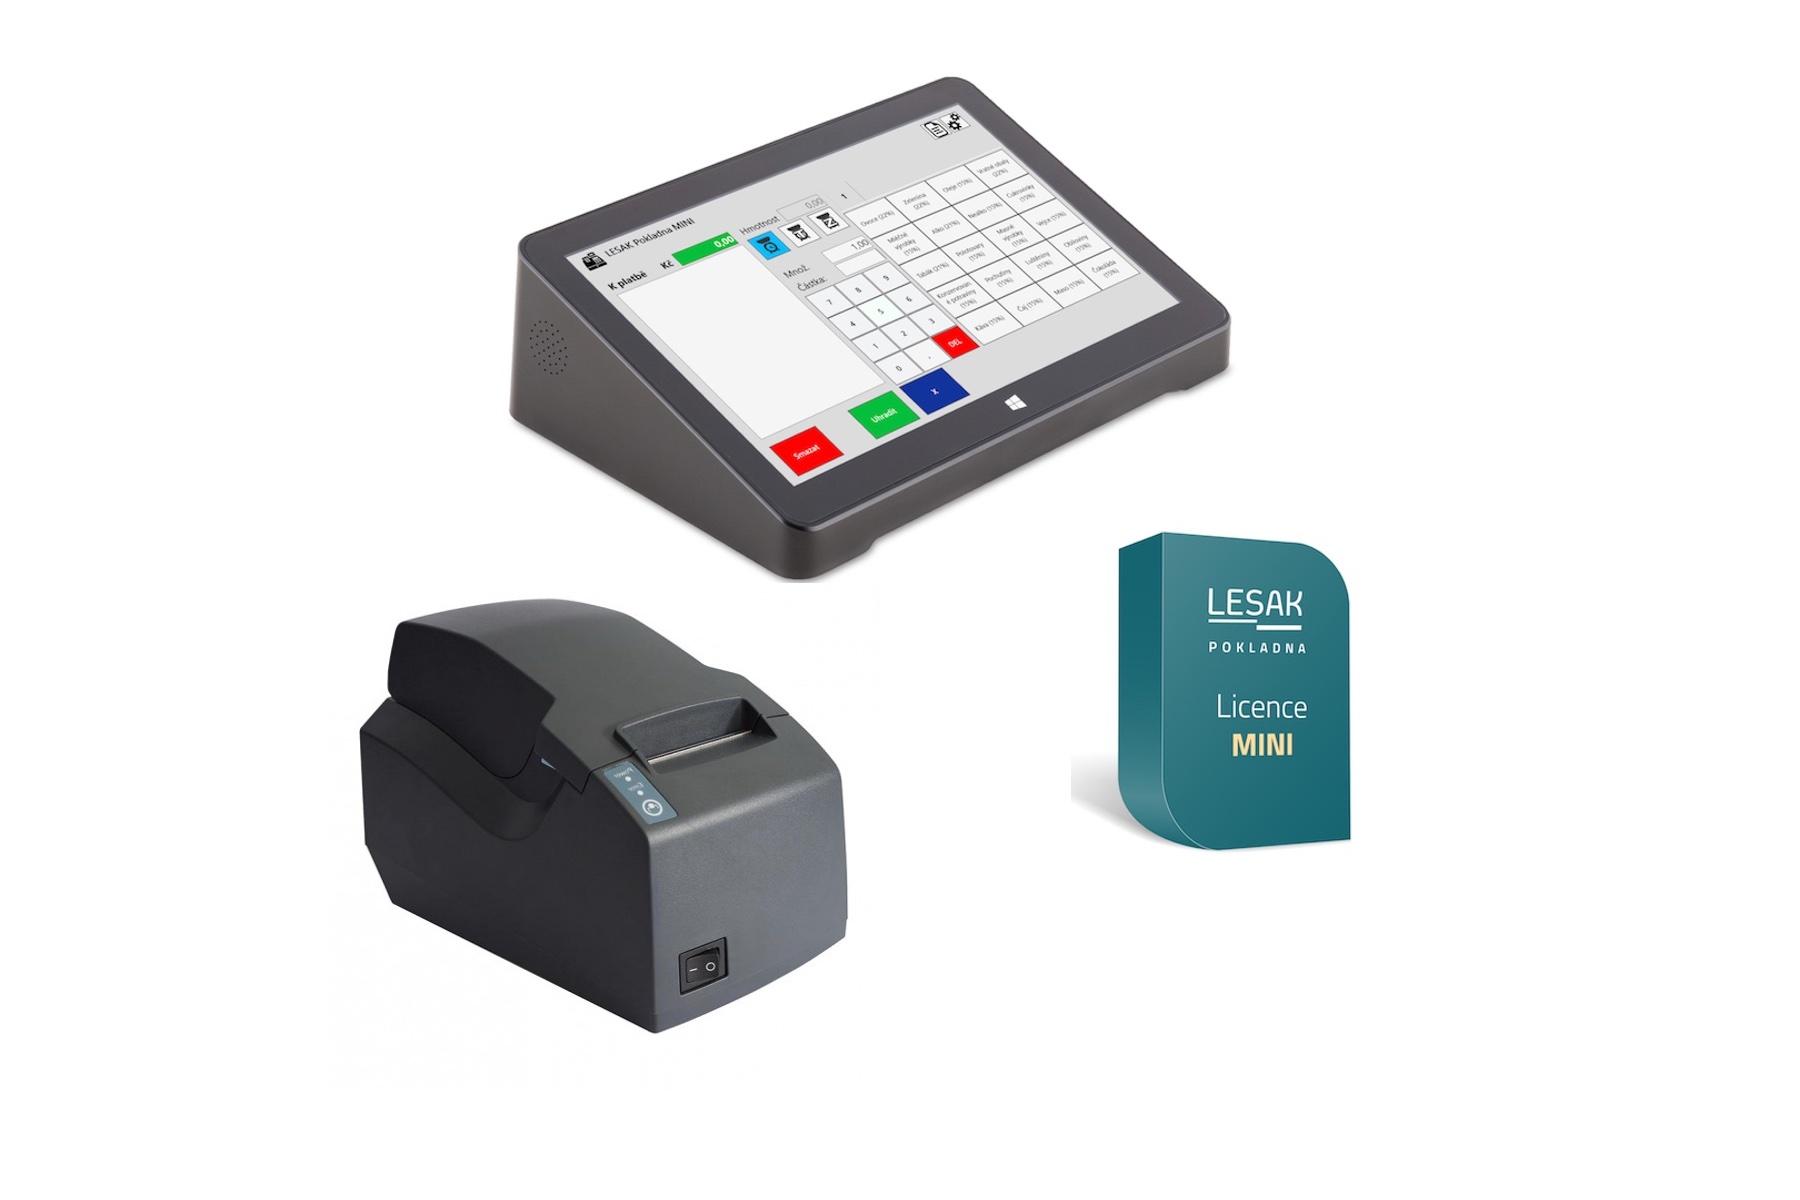 """LESAK MINIPOS7 + POKLADNA MINI, pokladna pro EET (Jednoduché řešení pro EET s 7"""" dotykovým LCD displejem, tiskárnou a základním programem POKLADNA MINI.)"""